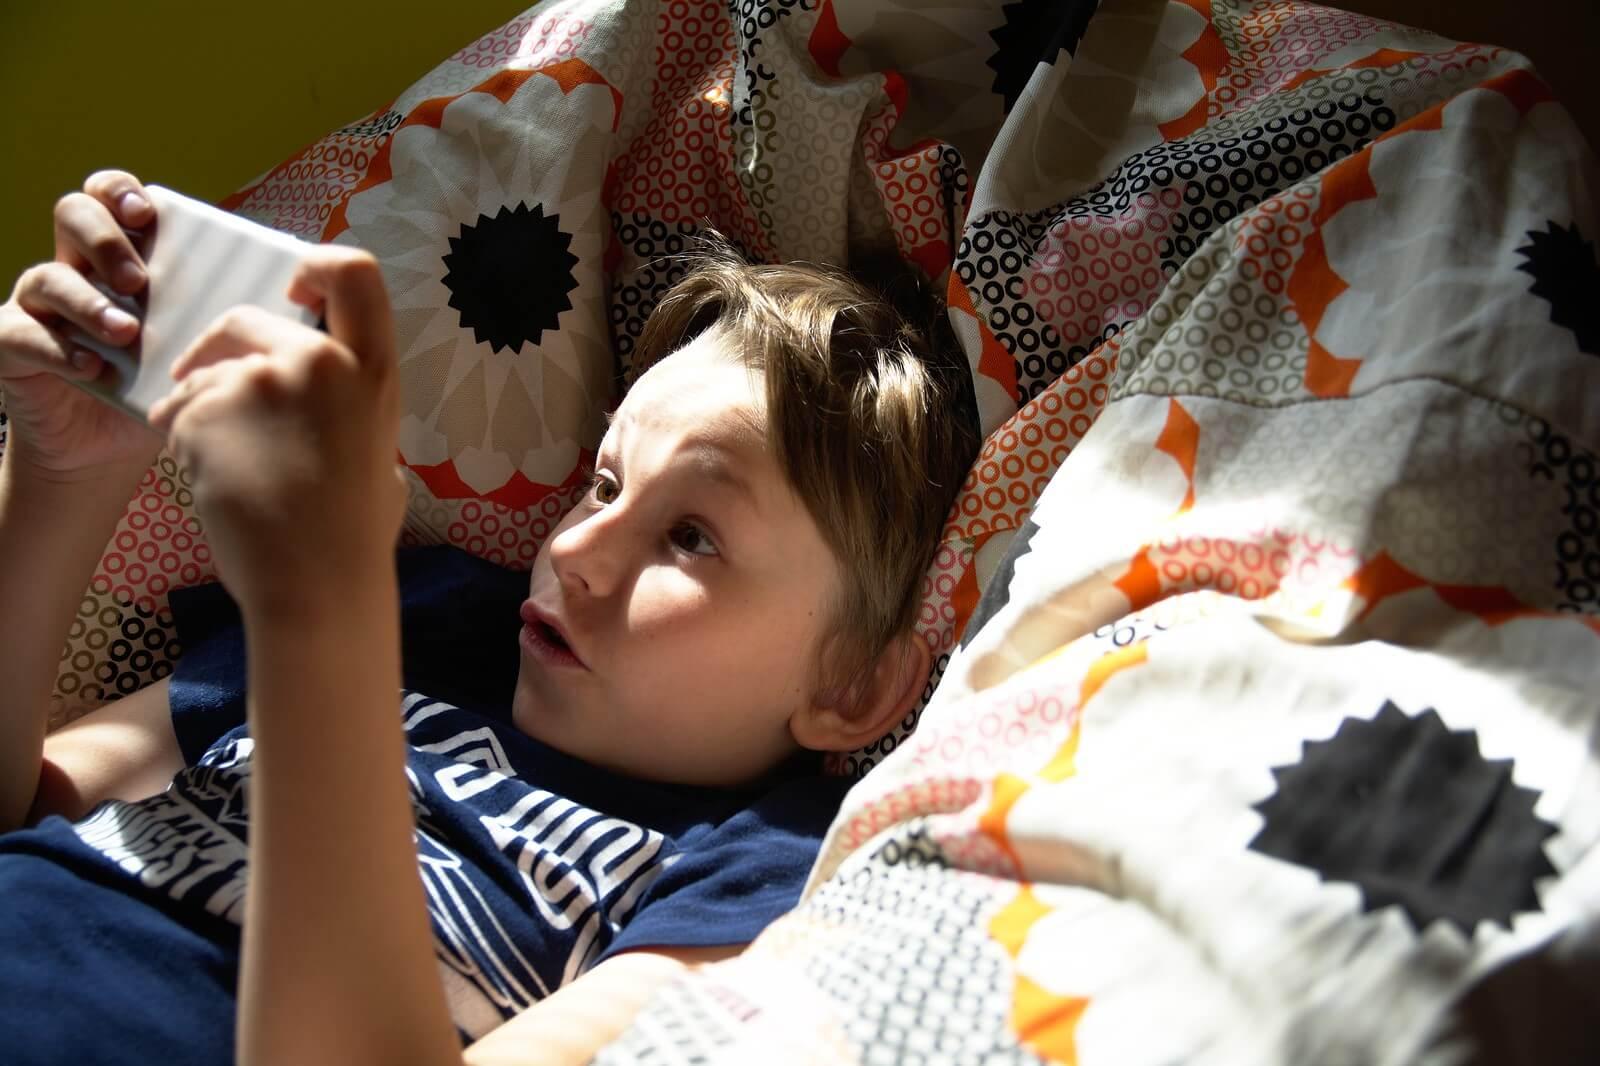 ילדים ברשת: נורות האזהרה שחייבים להכיר